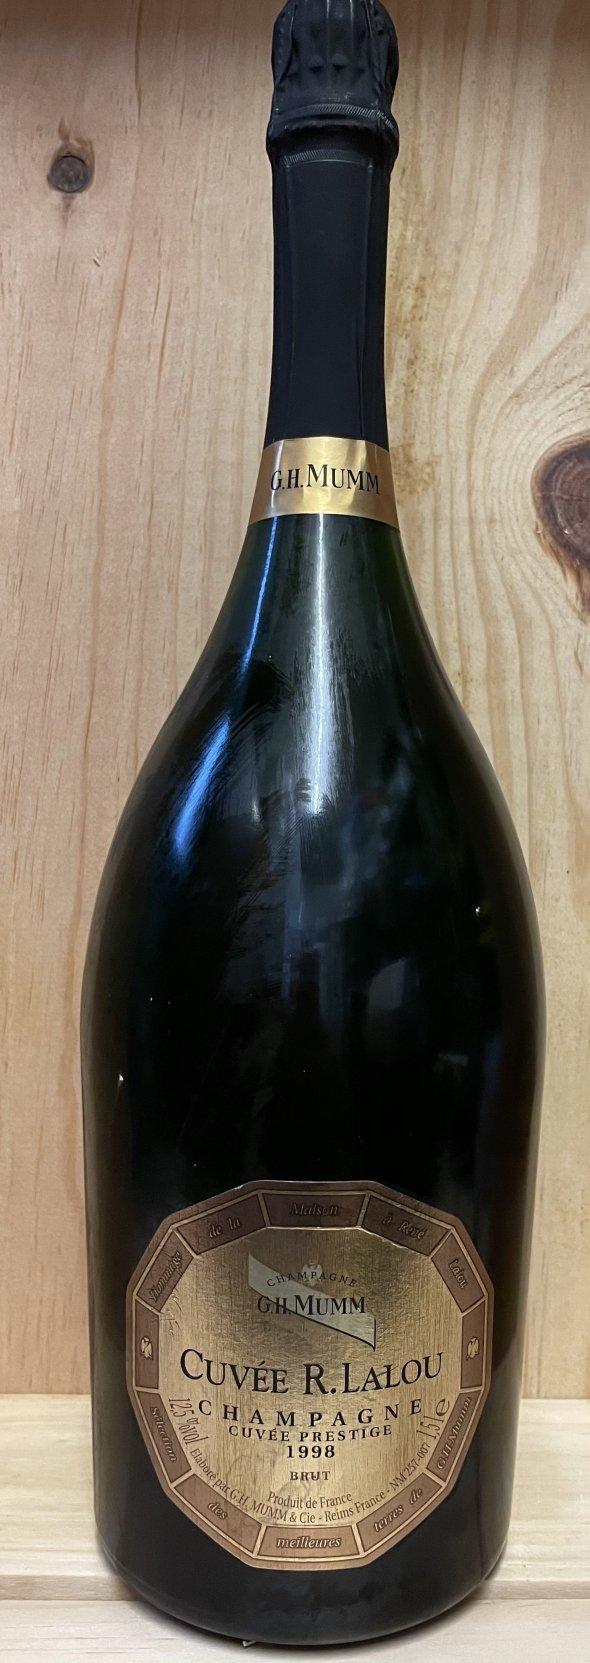 1 MAGNUM Cristal Roederer 2007 & 1 MAGNUM Mumm Rene Lalou 1998